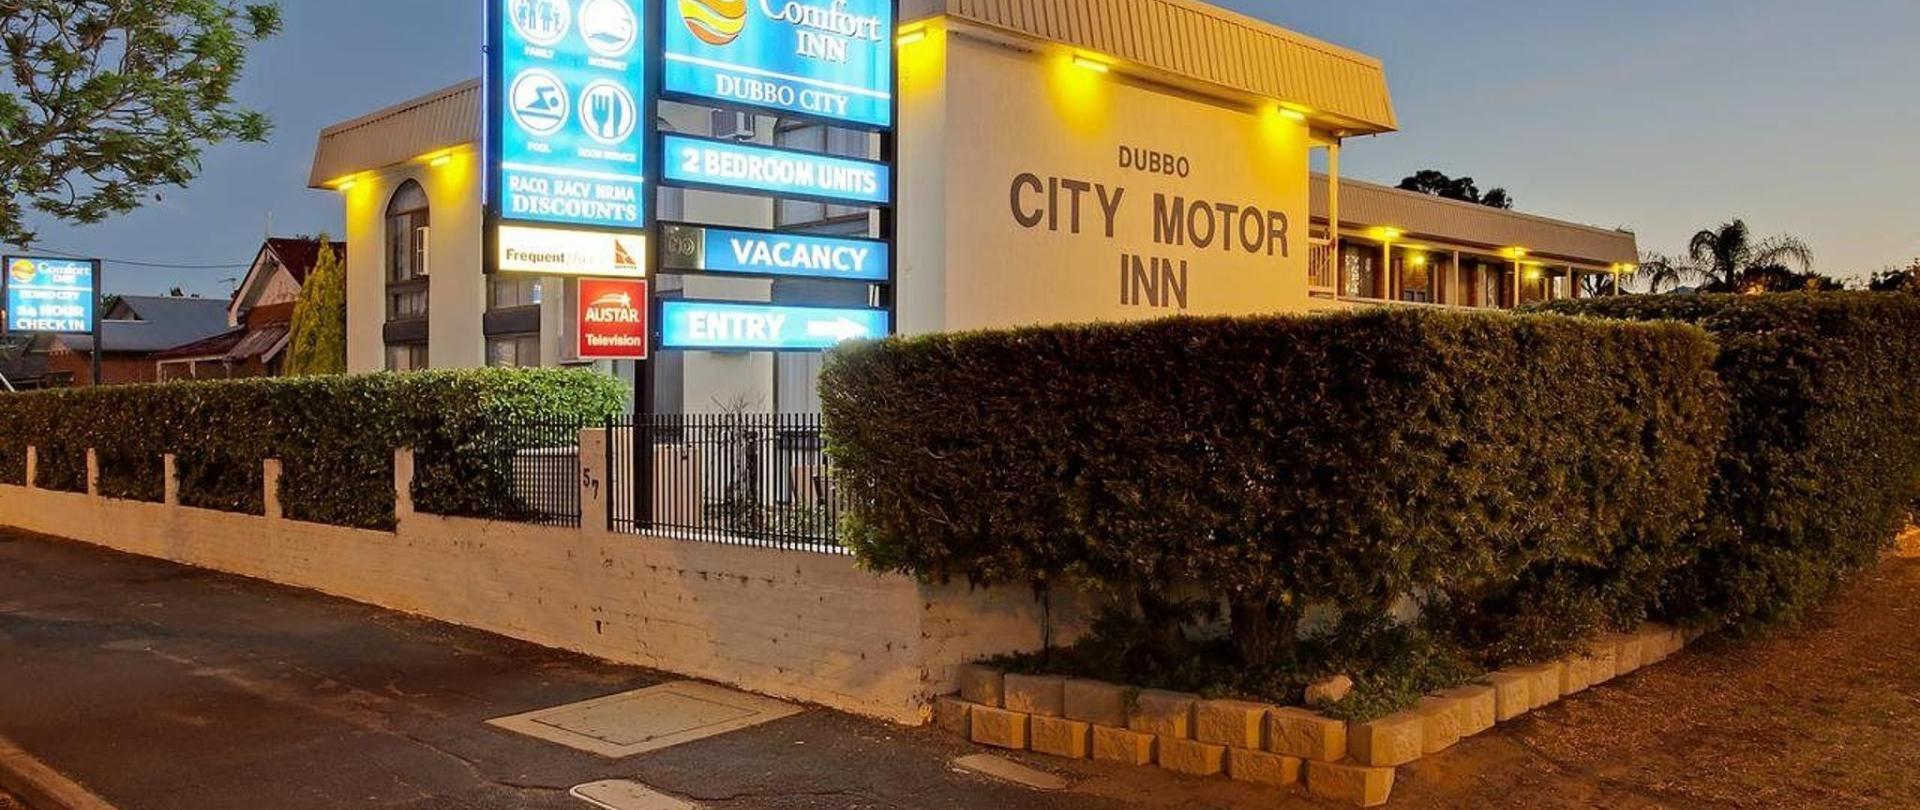 Comfort Inn Dubbo City.jpg